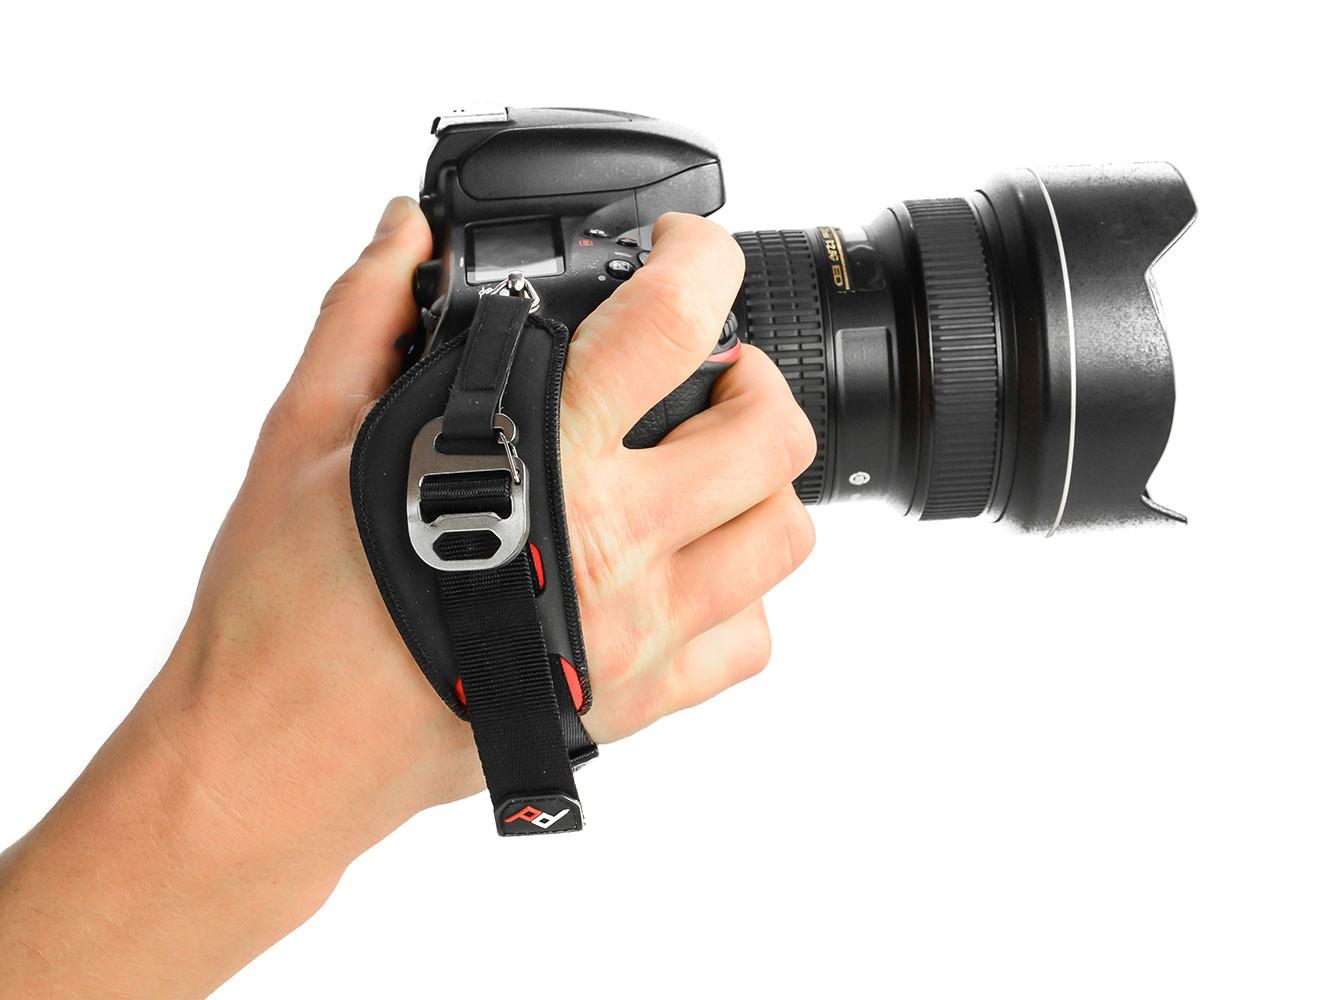 Peak Design Clutch CL-2 Camera Hand Strap